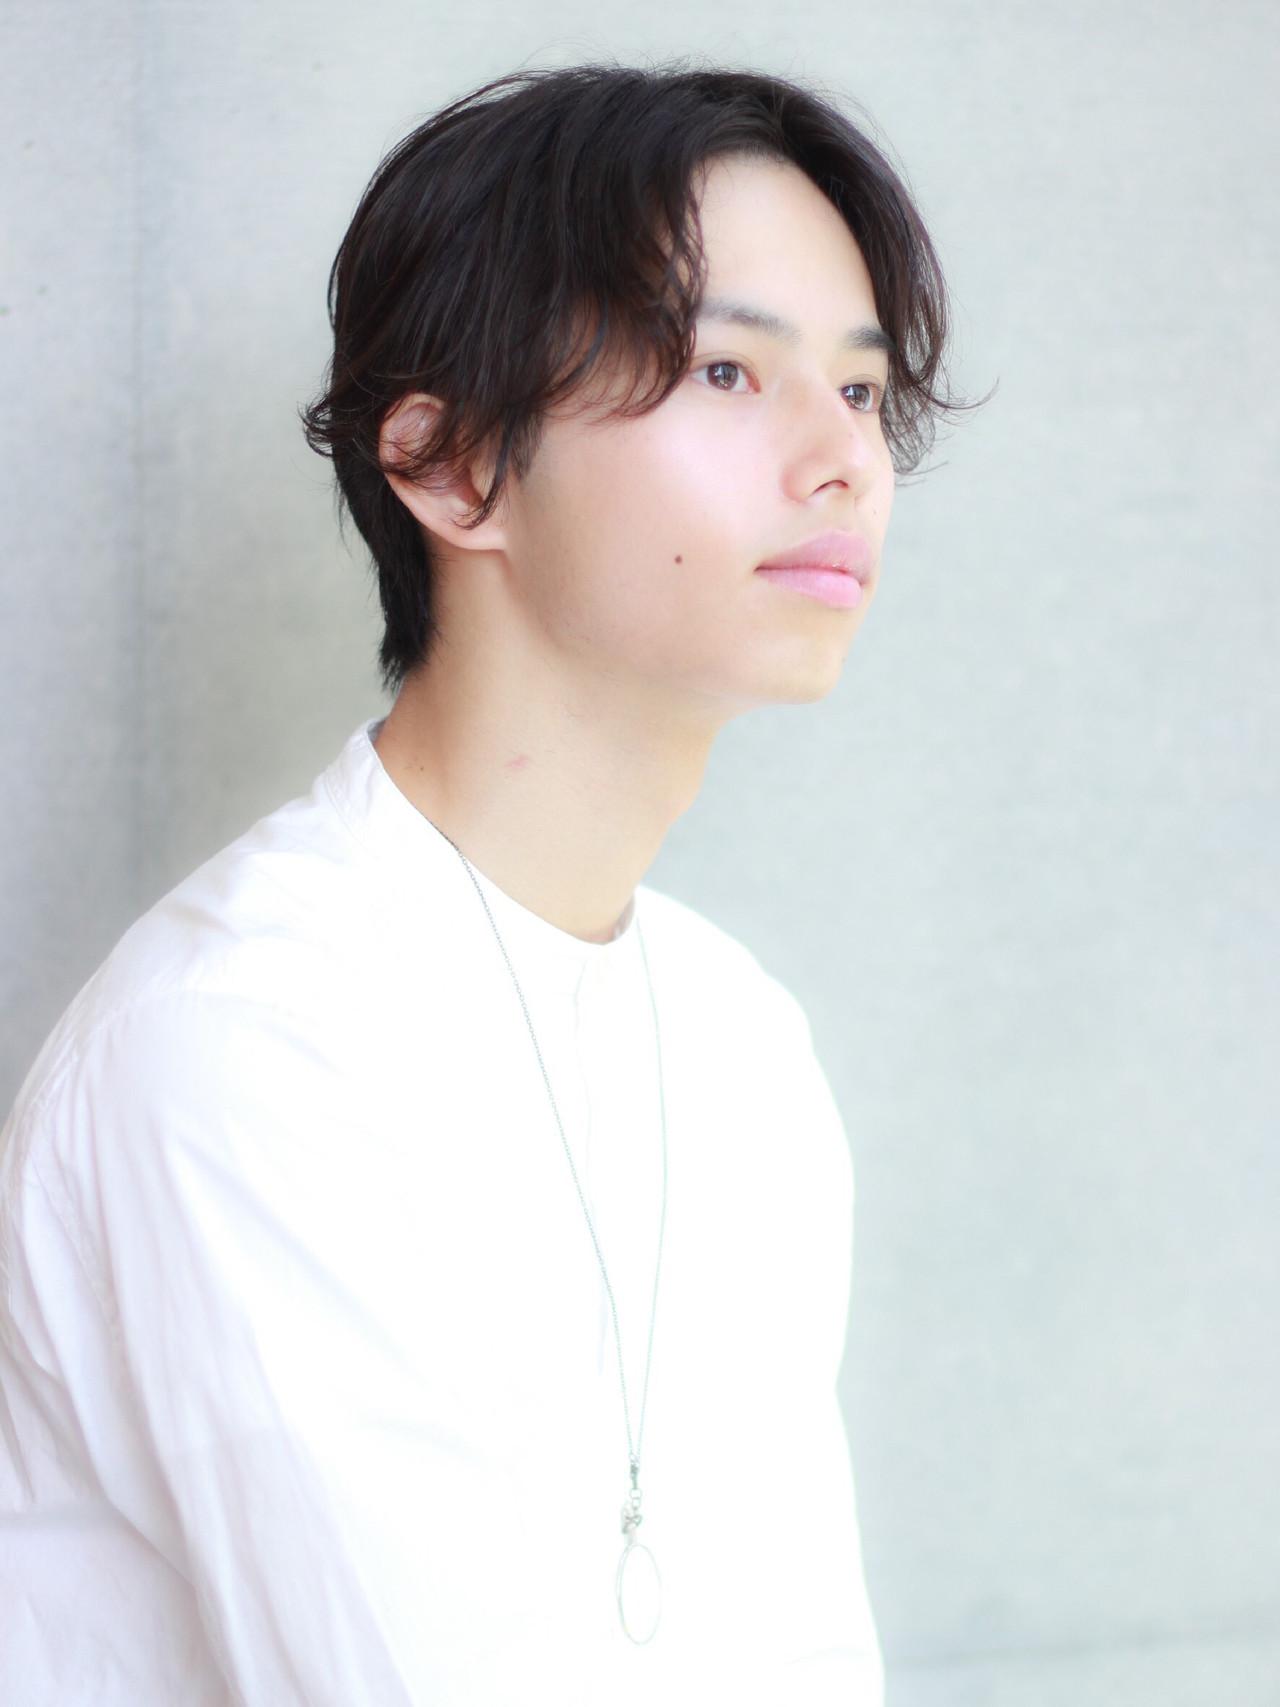 シンプルな白シャツにセンターパートヘアが似合うイケメン男性